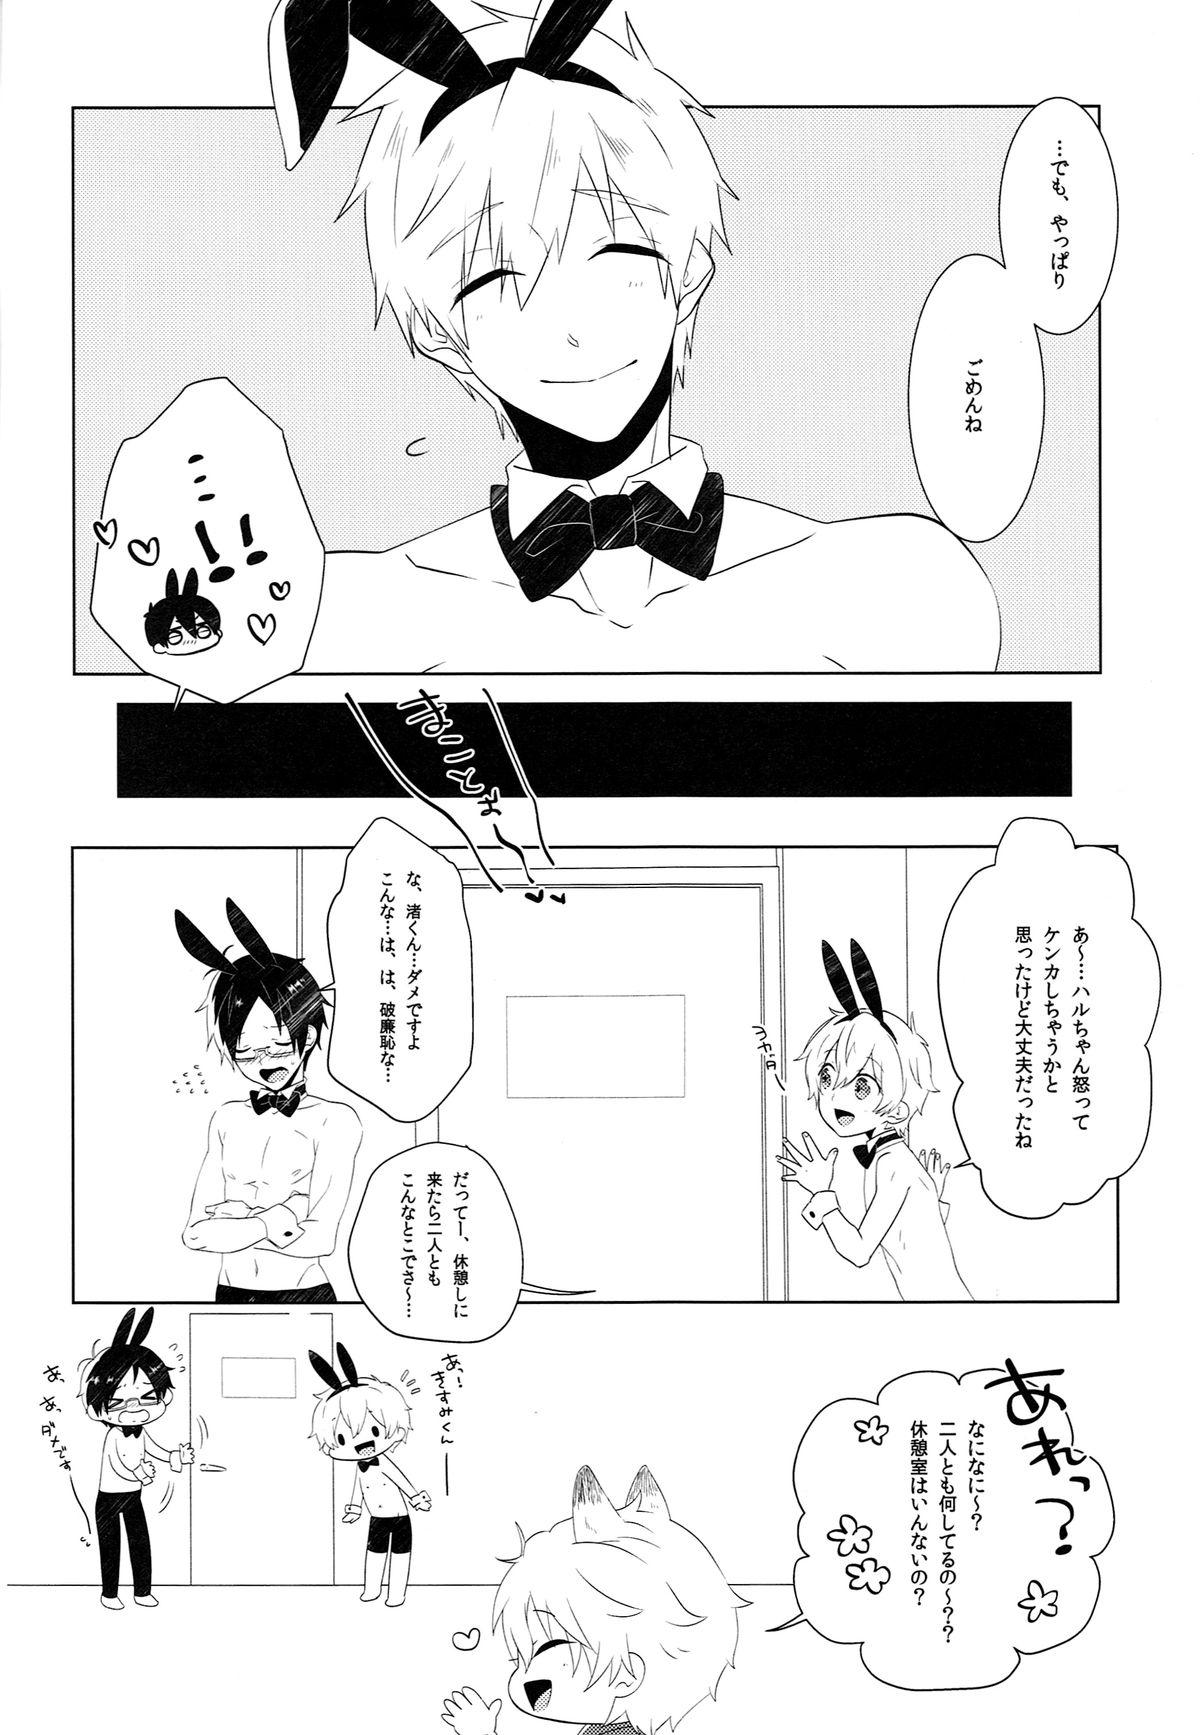 Gochuumon wa ○○○ desu ka? 30